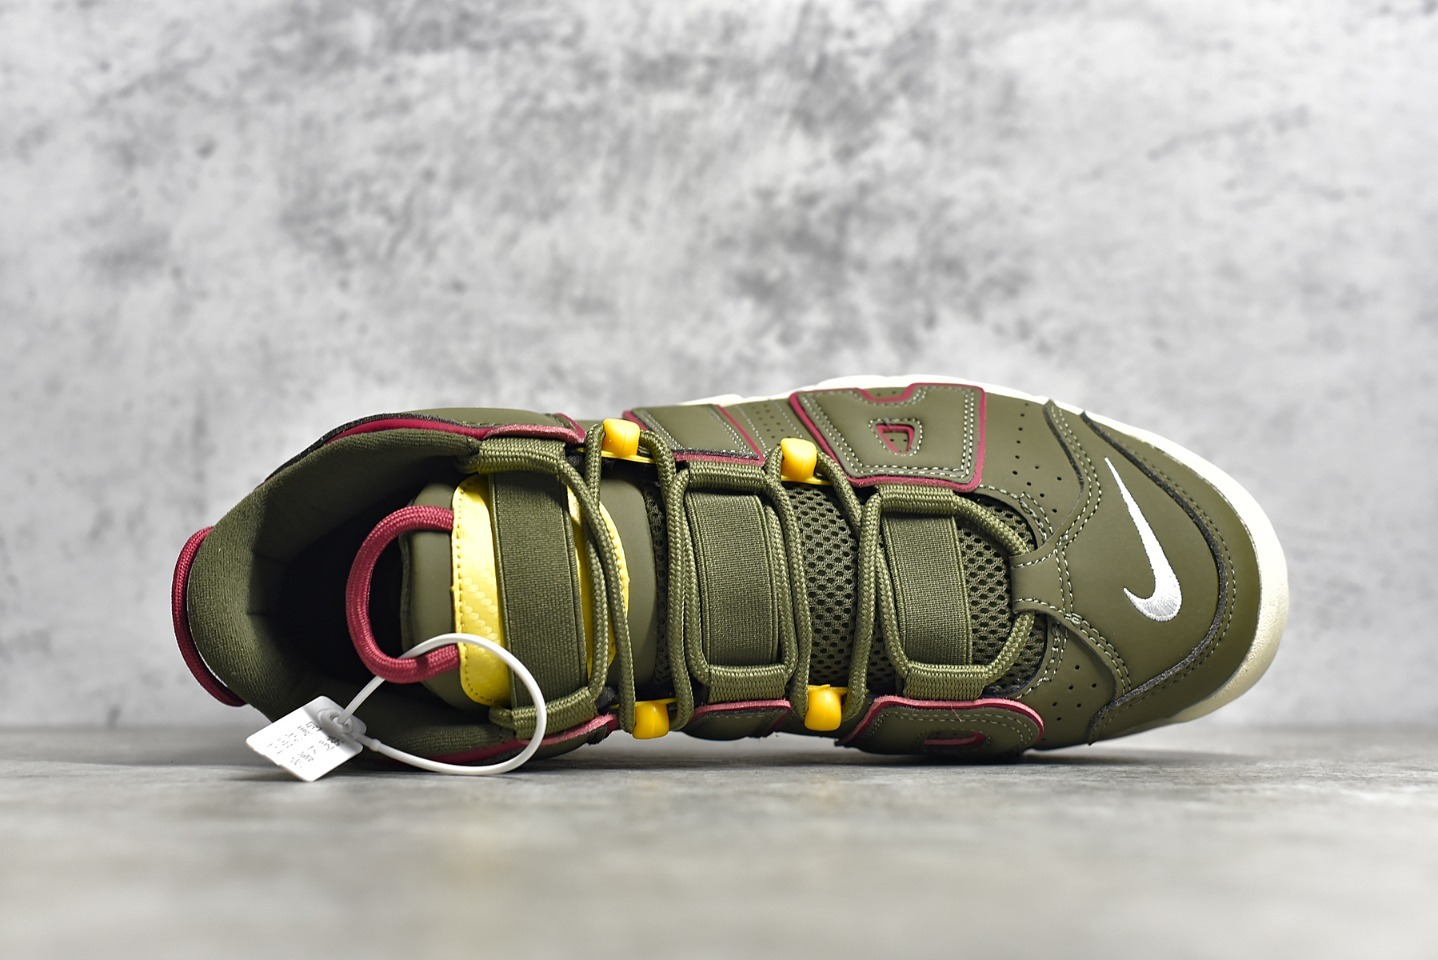 耐克大AIR皮蓬橄榄绿实战球鞋 NIKE WMNS Air More Uptempo GS Barely Green 皮蓬初代系列经典球鞋 货号:DH0622-300-潮流者之家